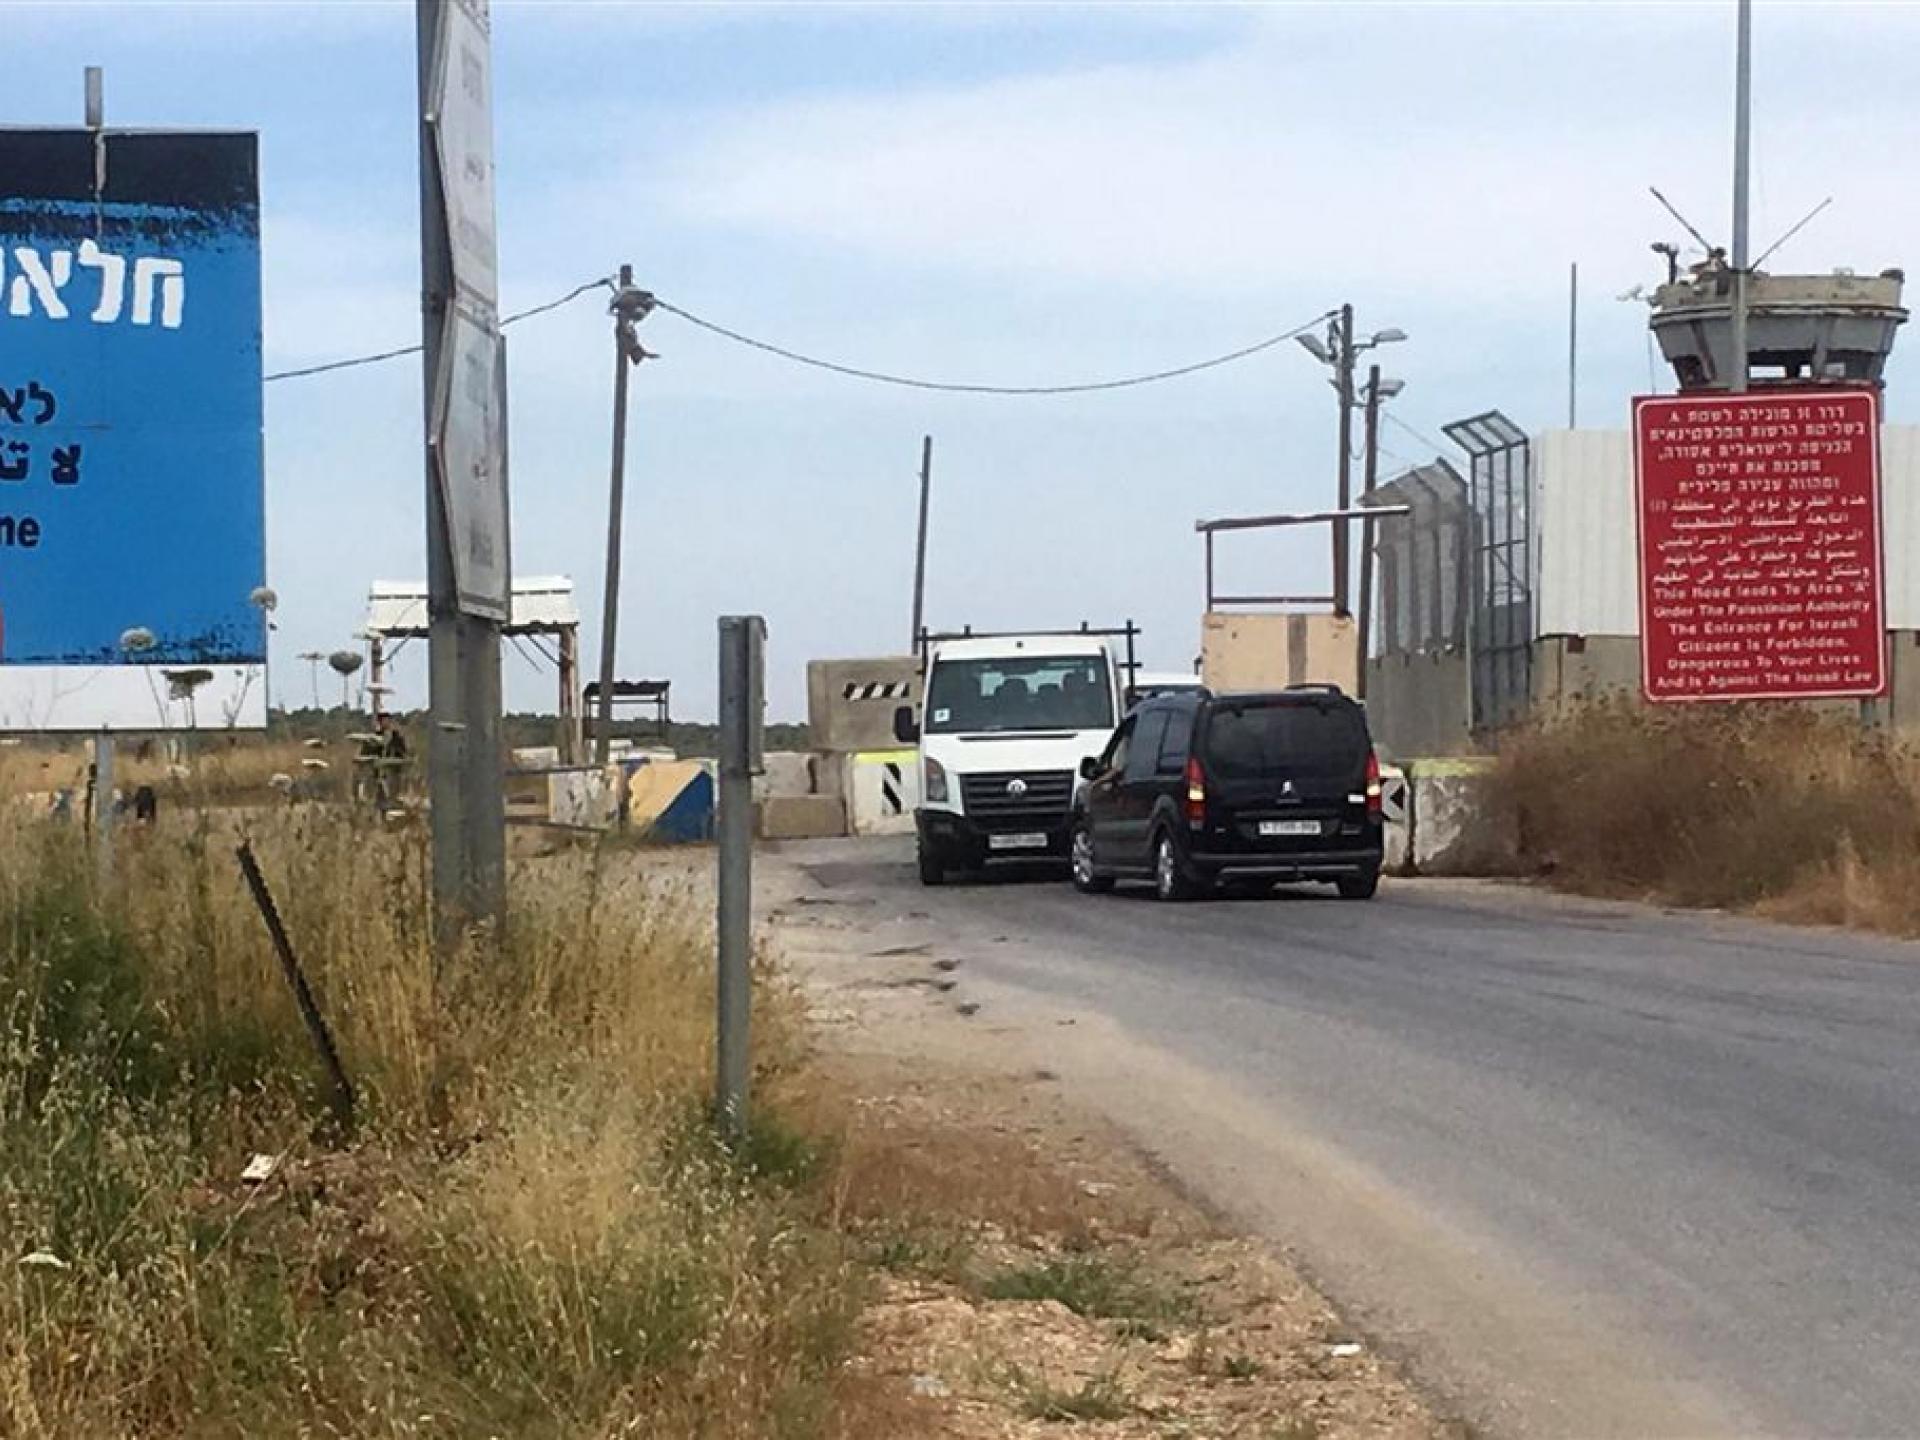 מכוניות תקעות לפני הבטונדות במחסום. לצידו הימני השלט האדום המכריז על סכנה לישראלים